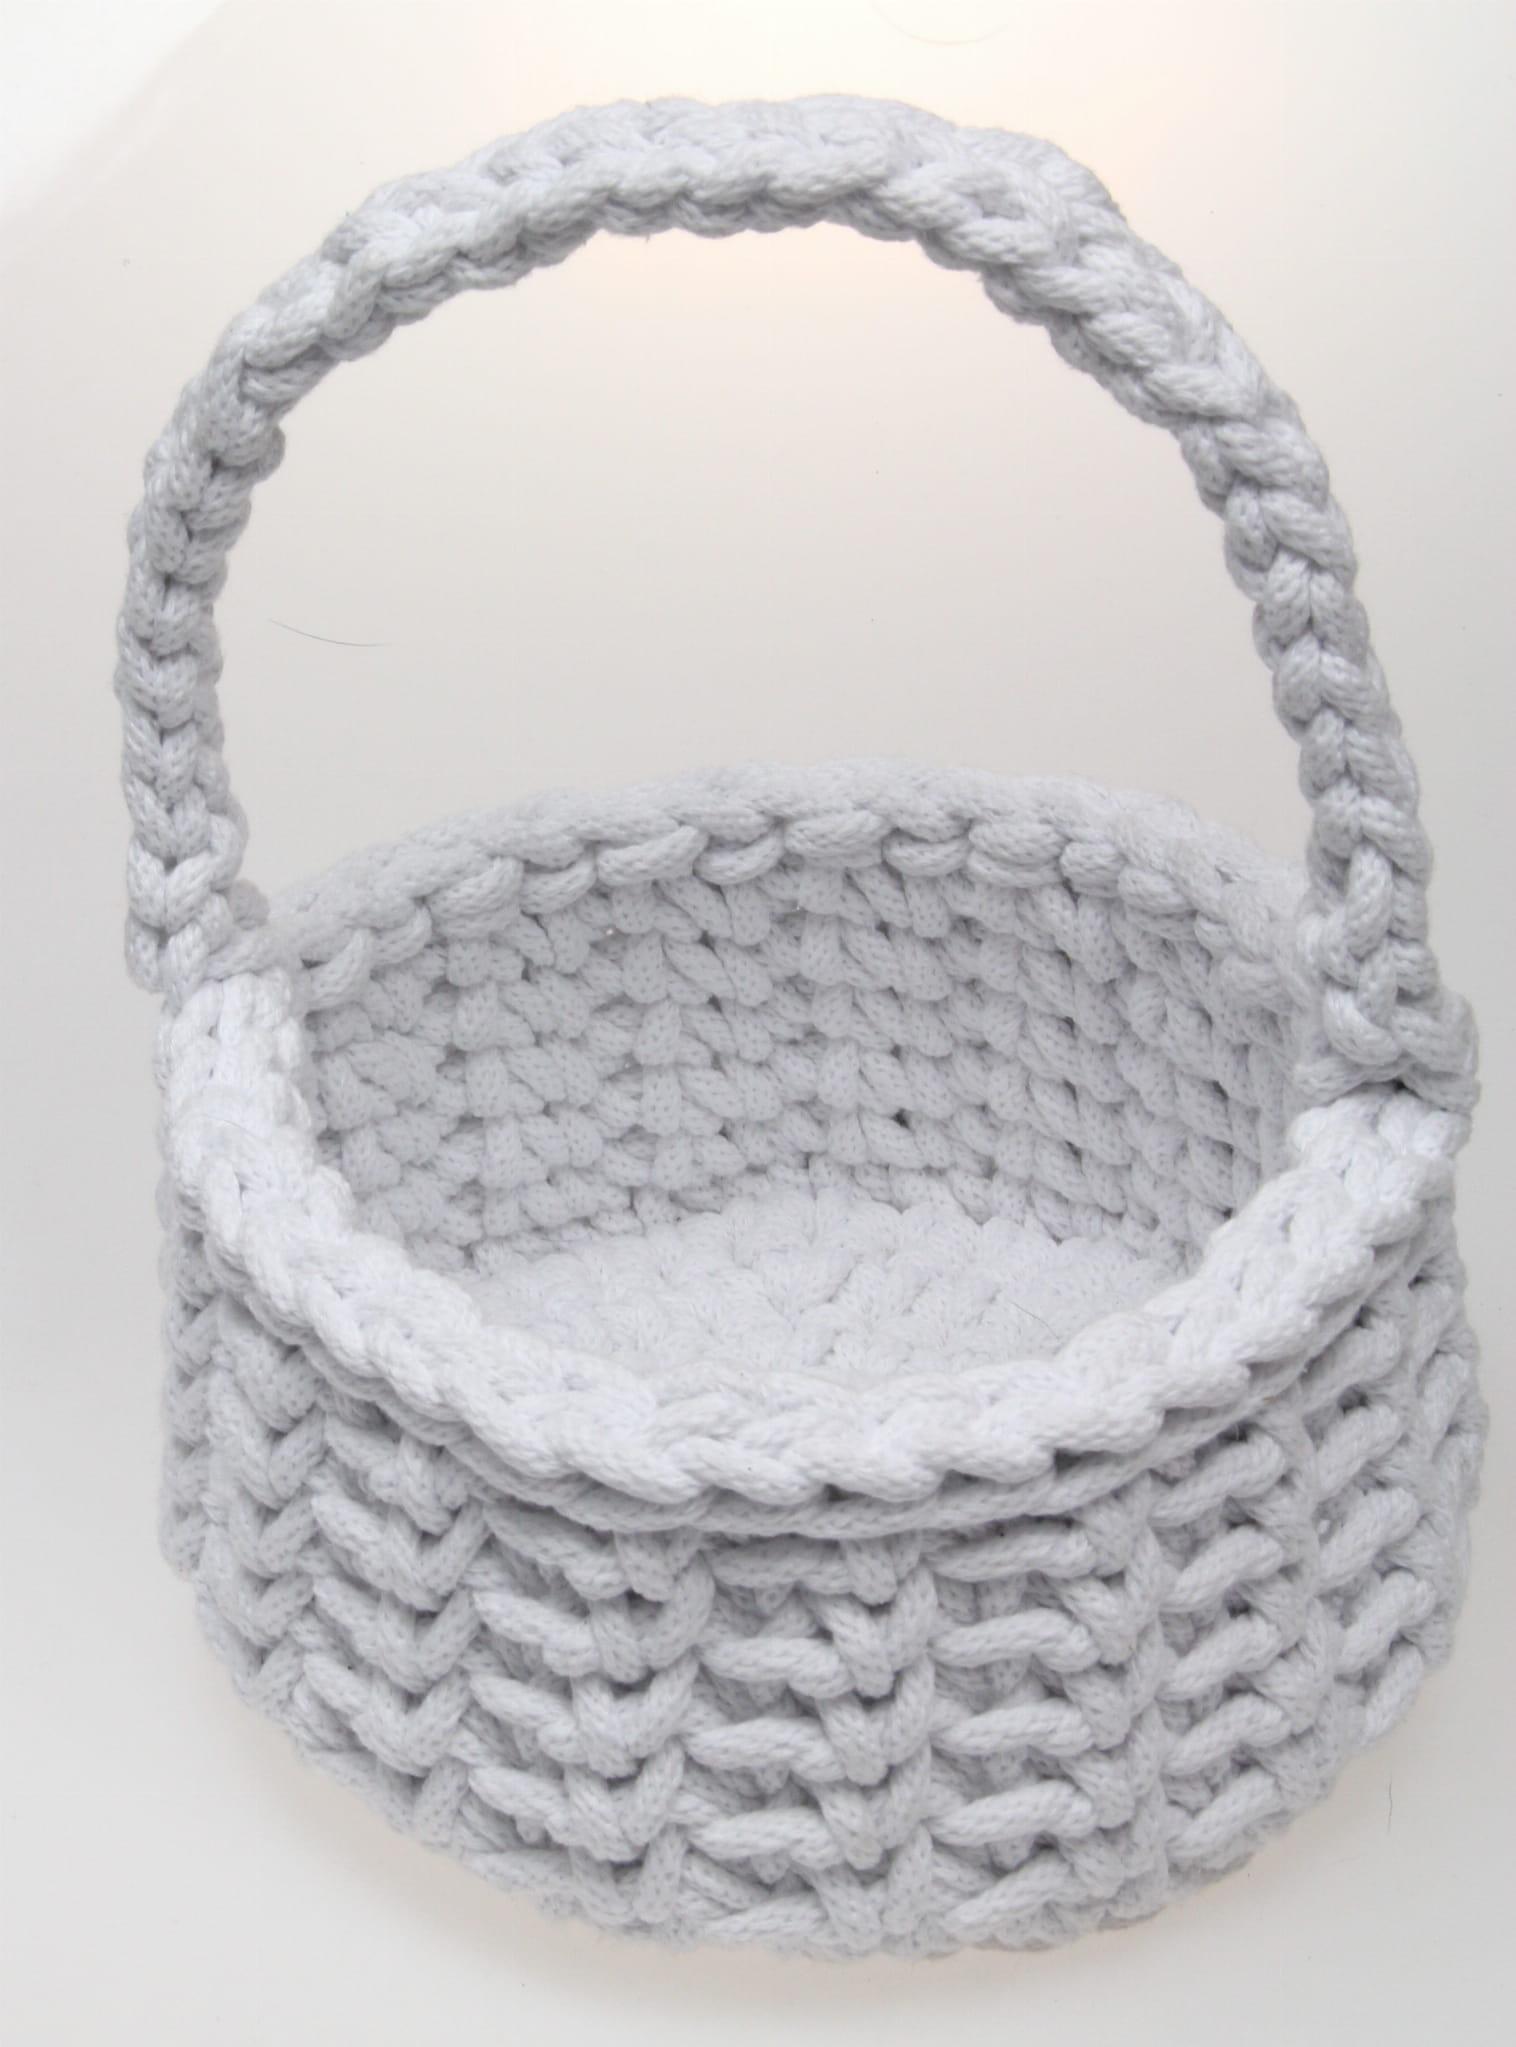 ed97643ec1afc1 Koszyczek wielkanocny w kolorze białym ze sznurka bawełnianego